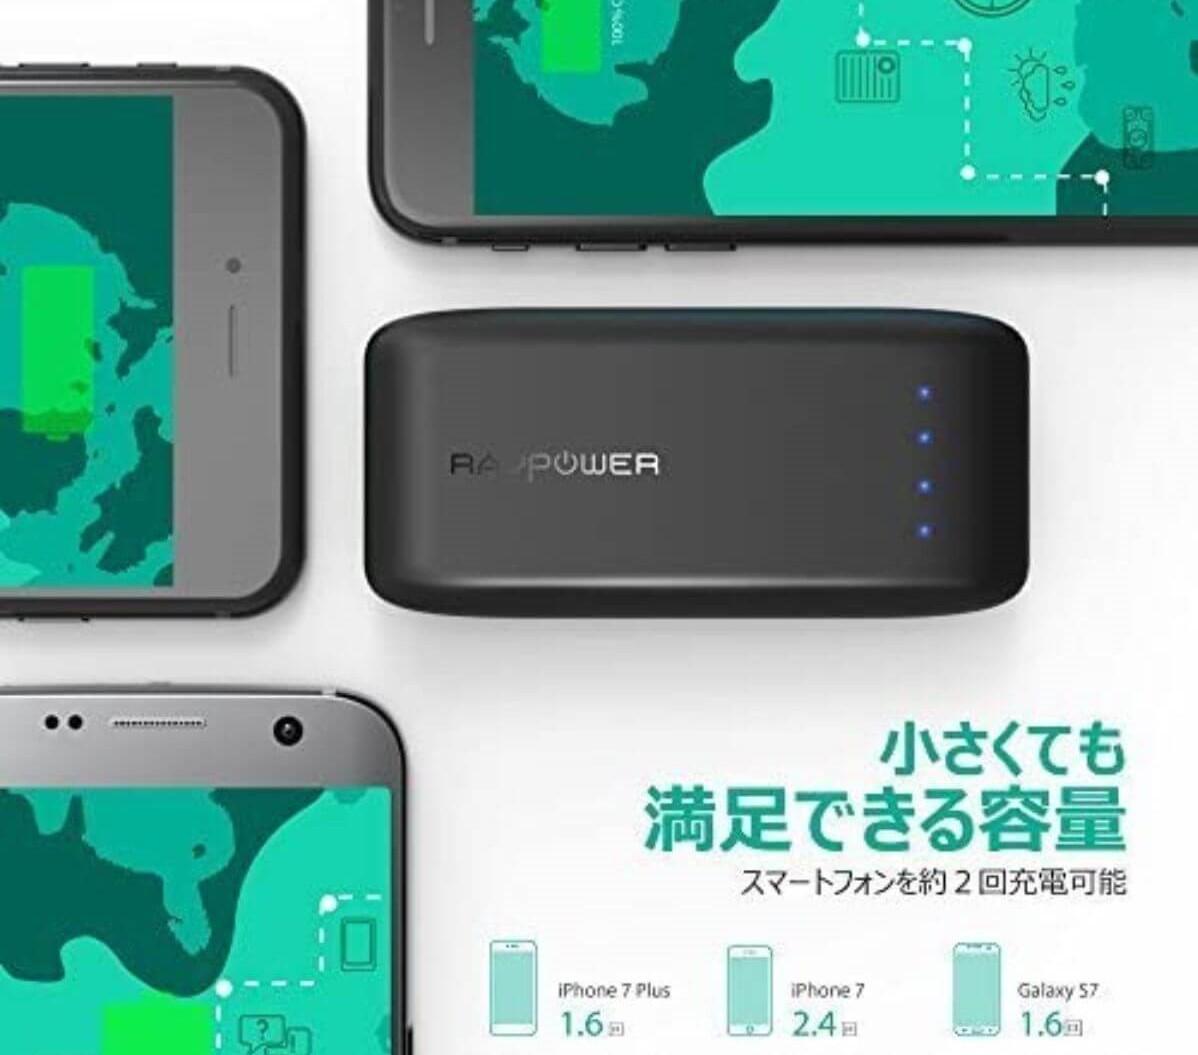 モバイルバッテリー 手のひらサイズ RAVPower RP-PB060 容量